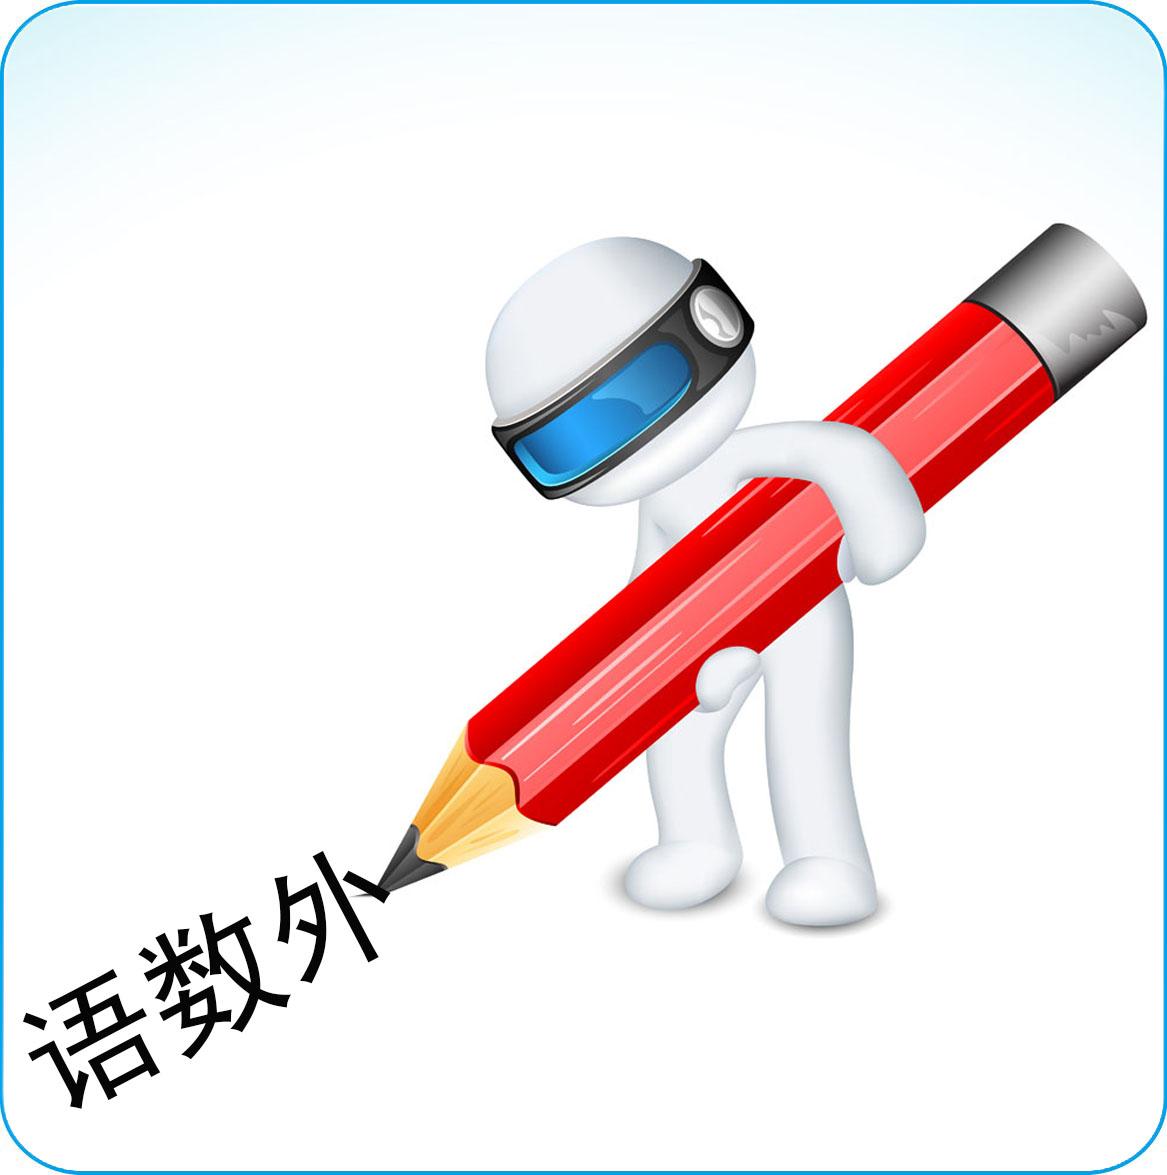 名思教育集团-产品展示 - 咸宁新闻网